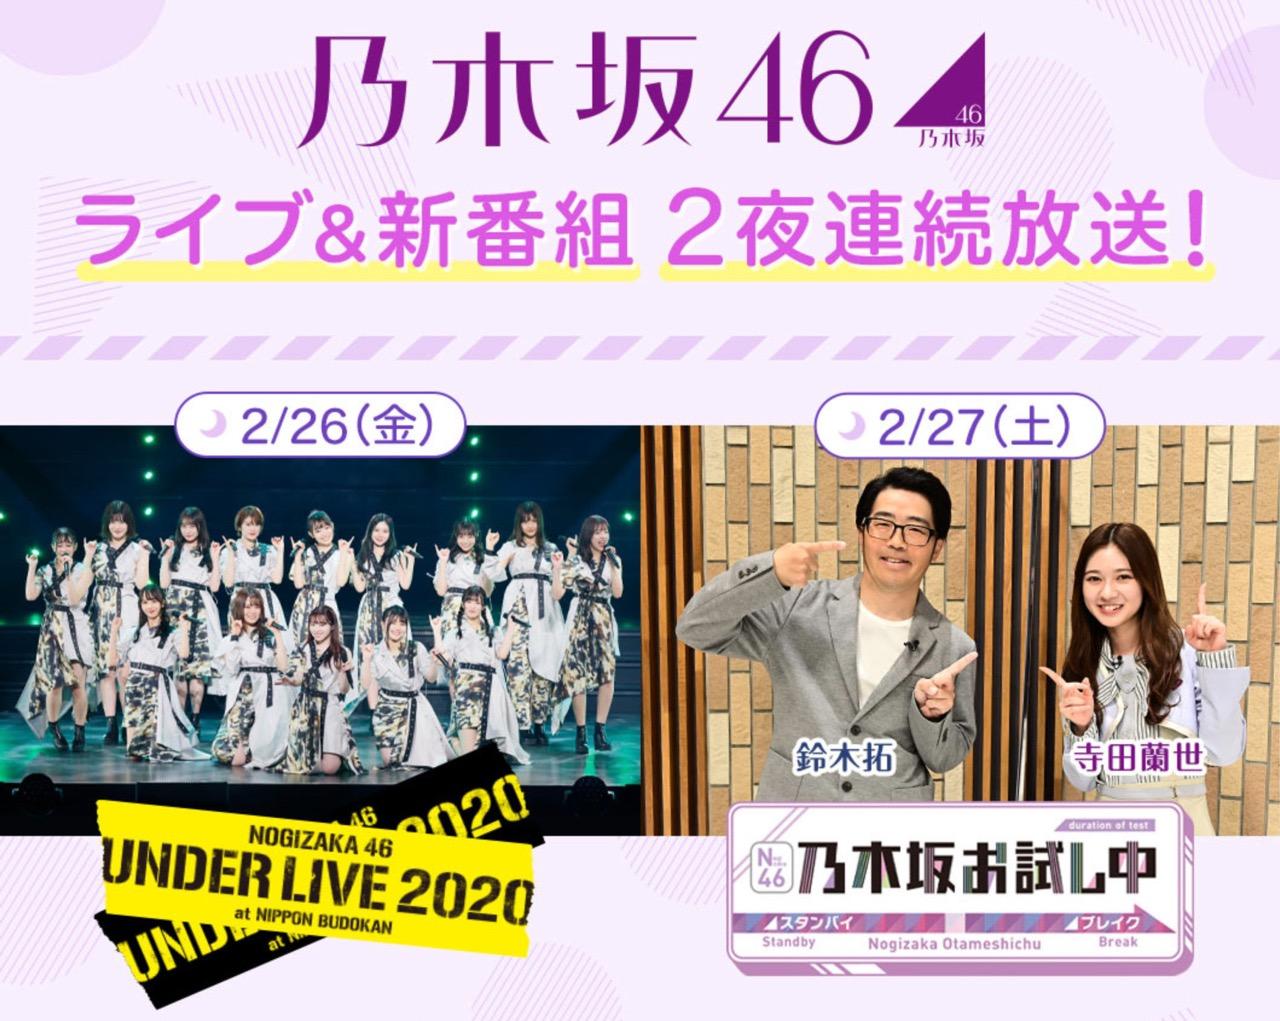 「乃木坂46ライブ&新番組ナビ」アンダーライブの一部分と寺田蘭世初MC新番組を紹介!